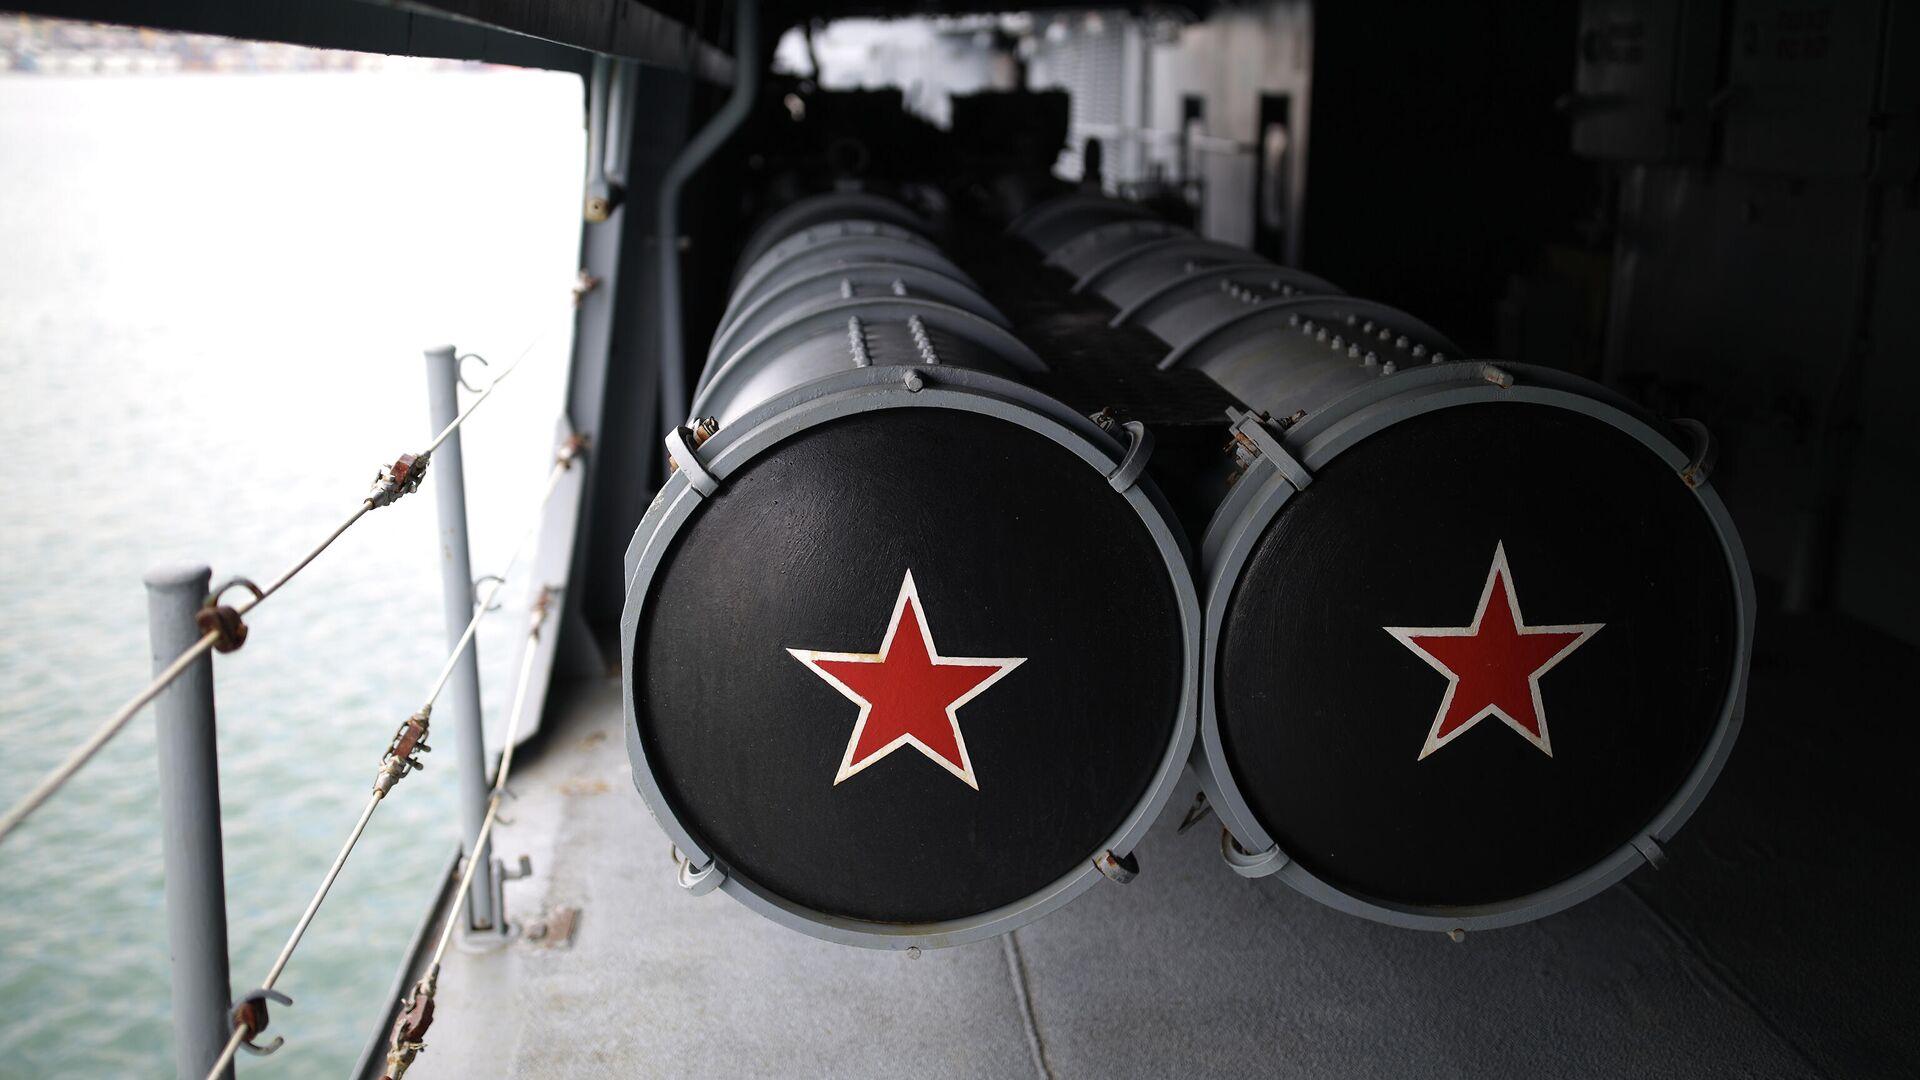 Торпедный отсек на борту фрегата Адмирал Макаров ВМФ РФ в порту Новороссийска - РИА Новости, 1920, 20.09.2021